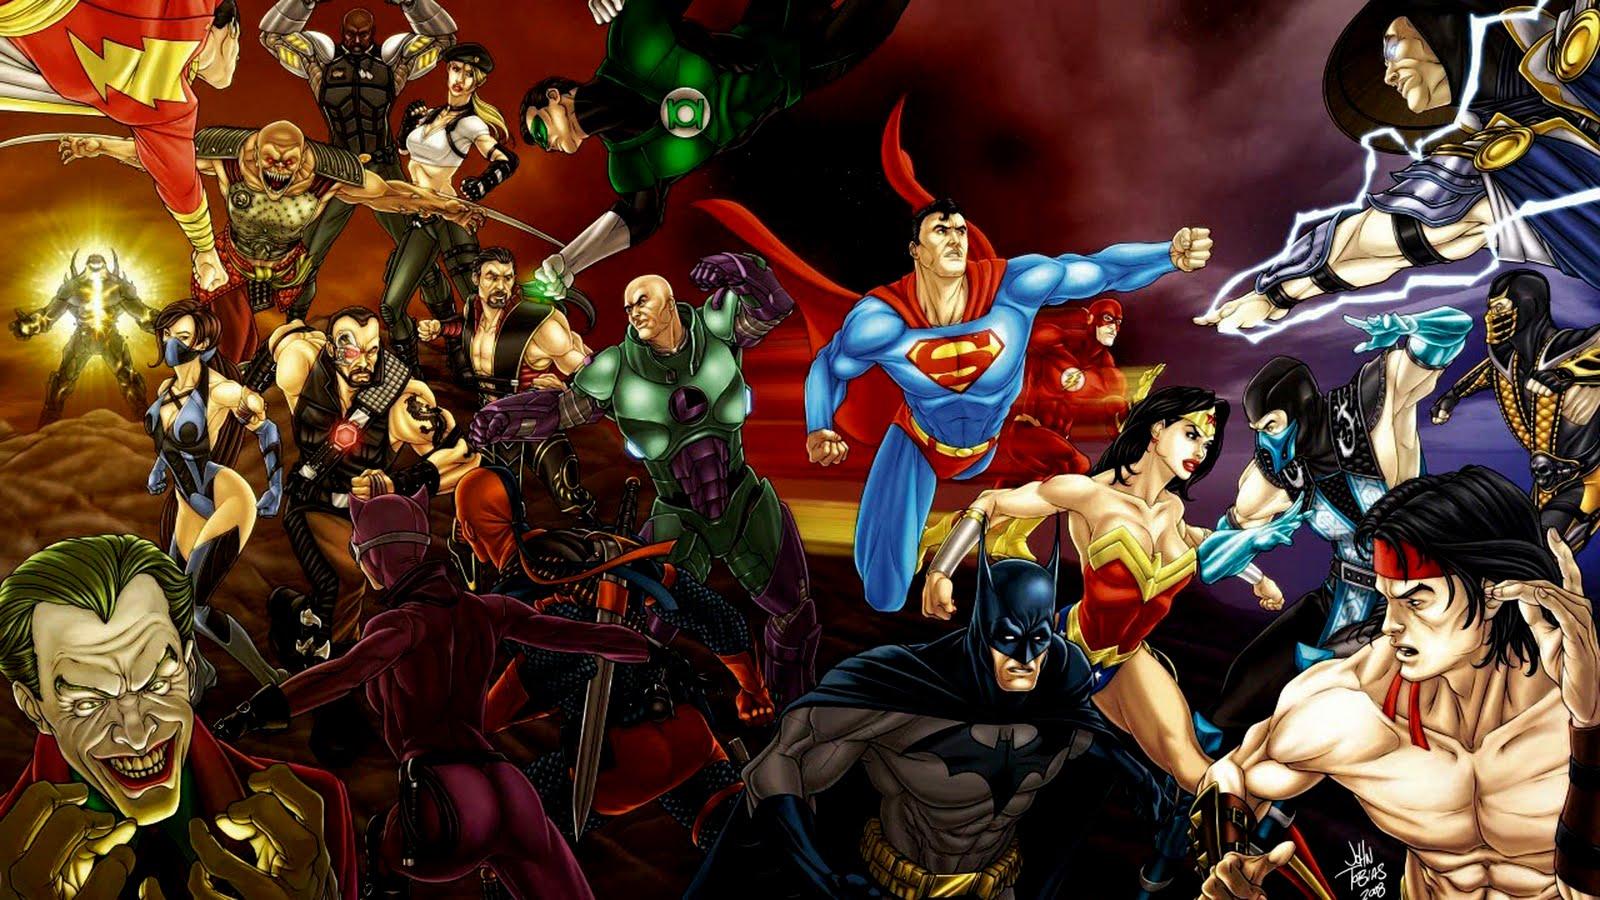 DC Comics All Super Heroes HD Wallpapers 1600x900